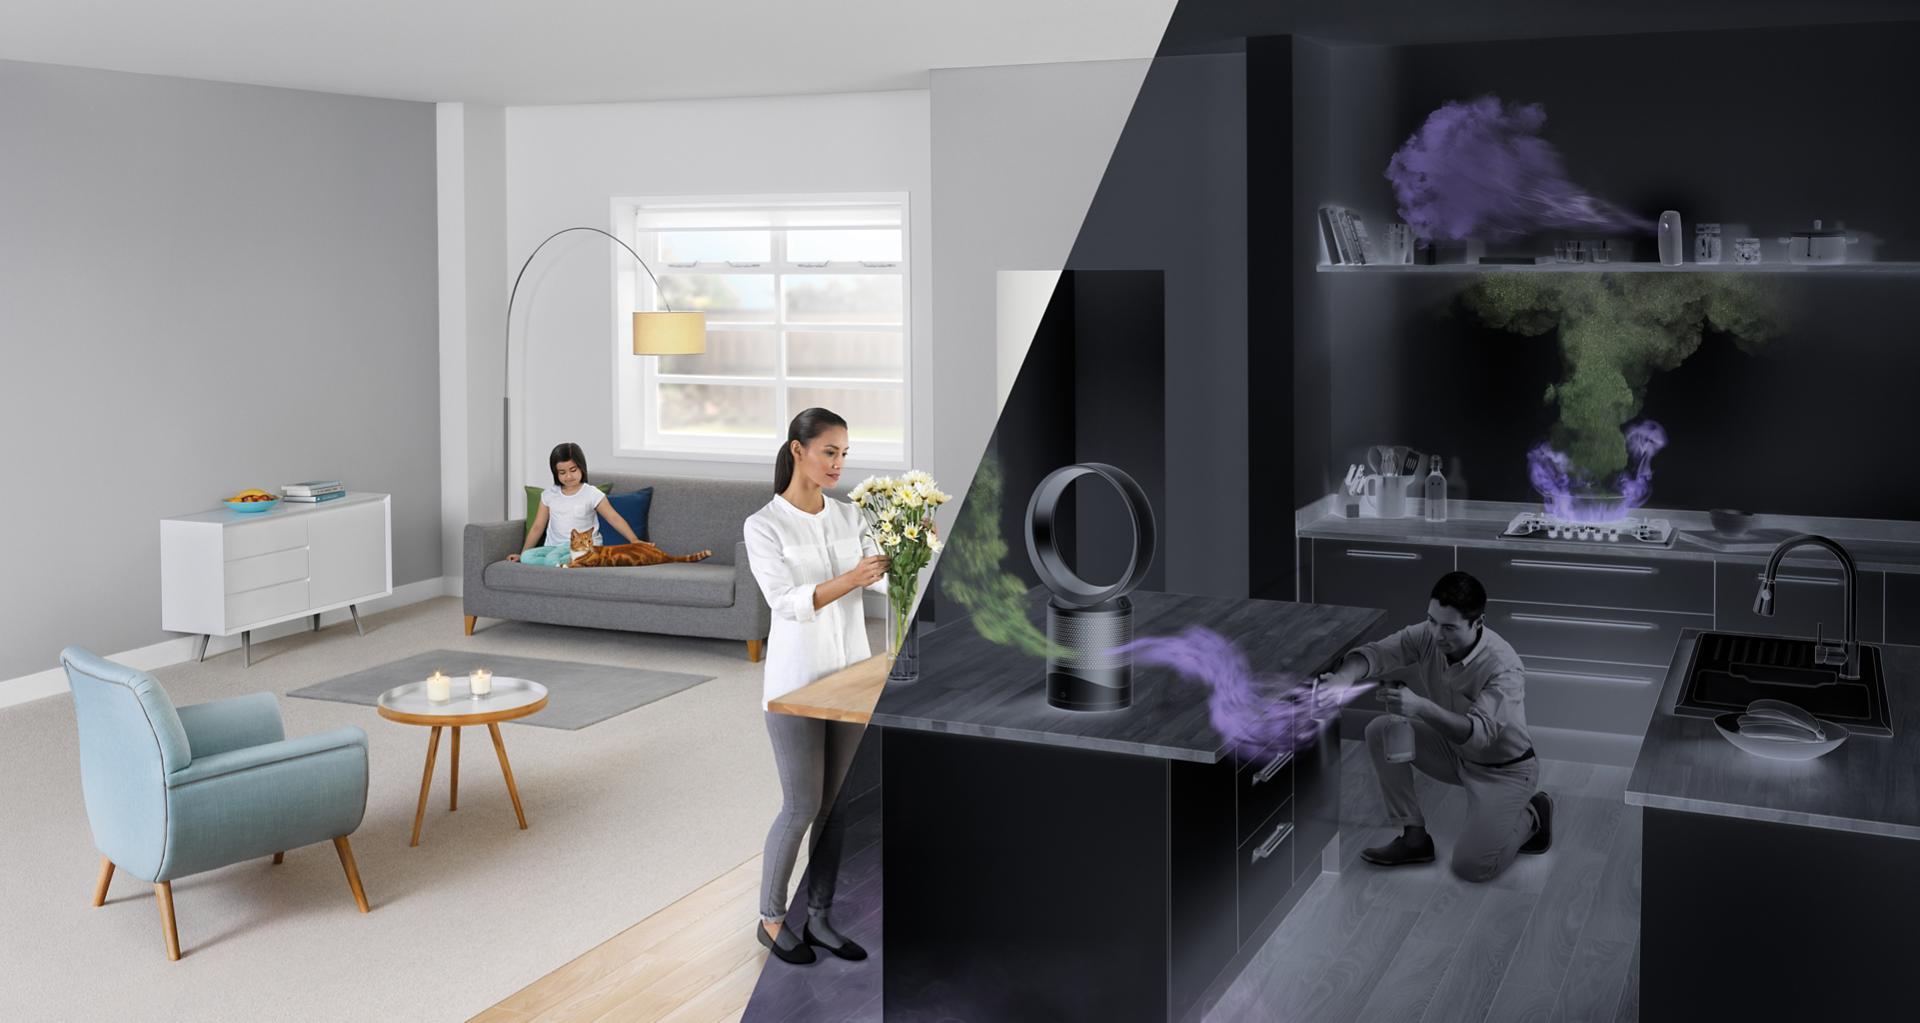 Dyson TP03 is a home air purifier